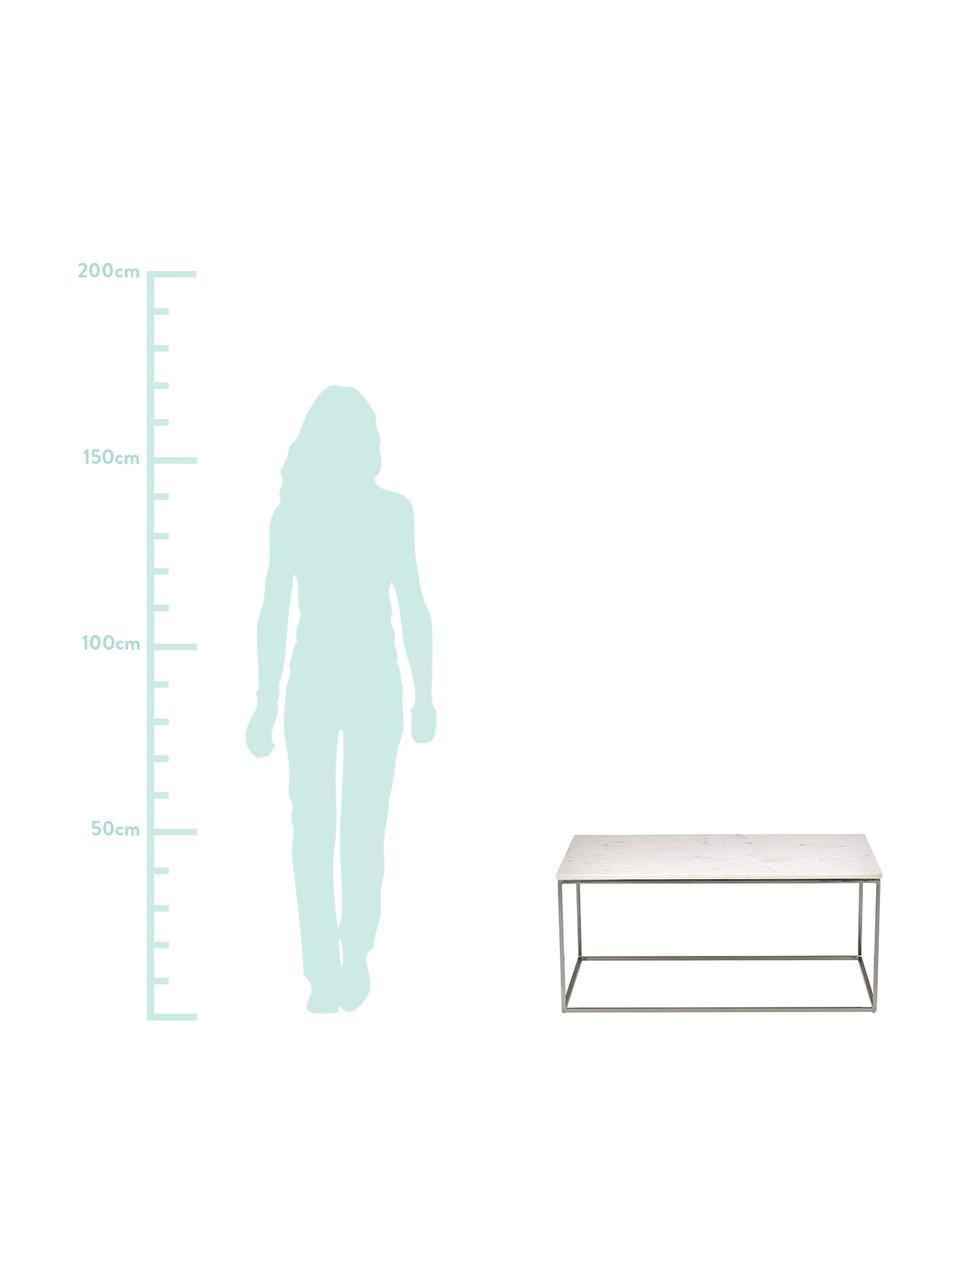 Marmor-Couchtisch Alys, Tischplatte: Marmor, Gestell: Metall, pulverbeschichtet, Tischplatte: weisser MarmorGestell: Silber, glänzend, 80 x 40 cm